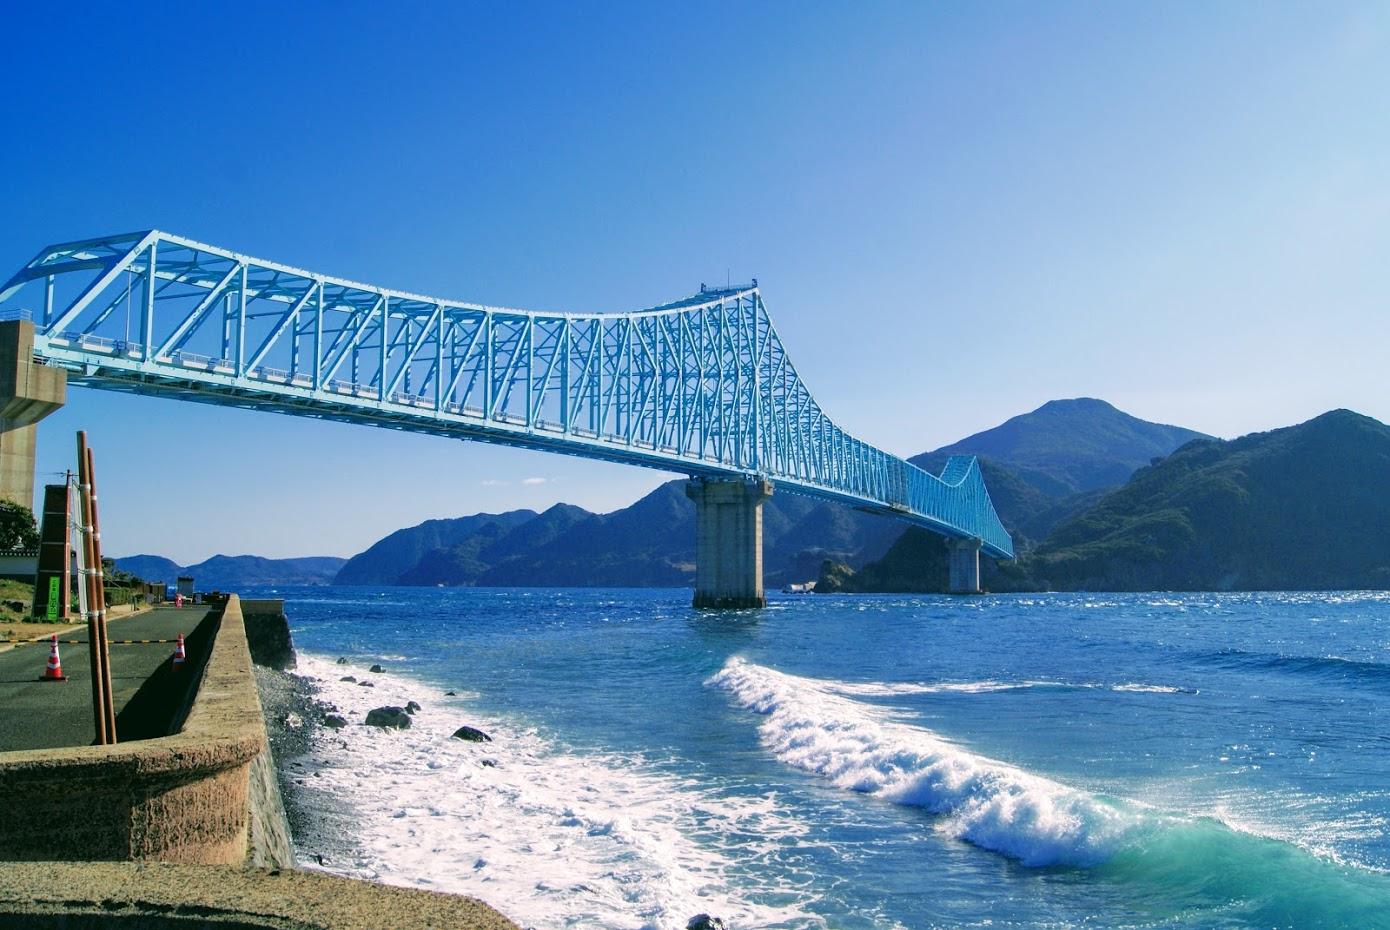 平戸島の宮ノ浦から生月大橋に行ってきました。